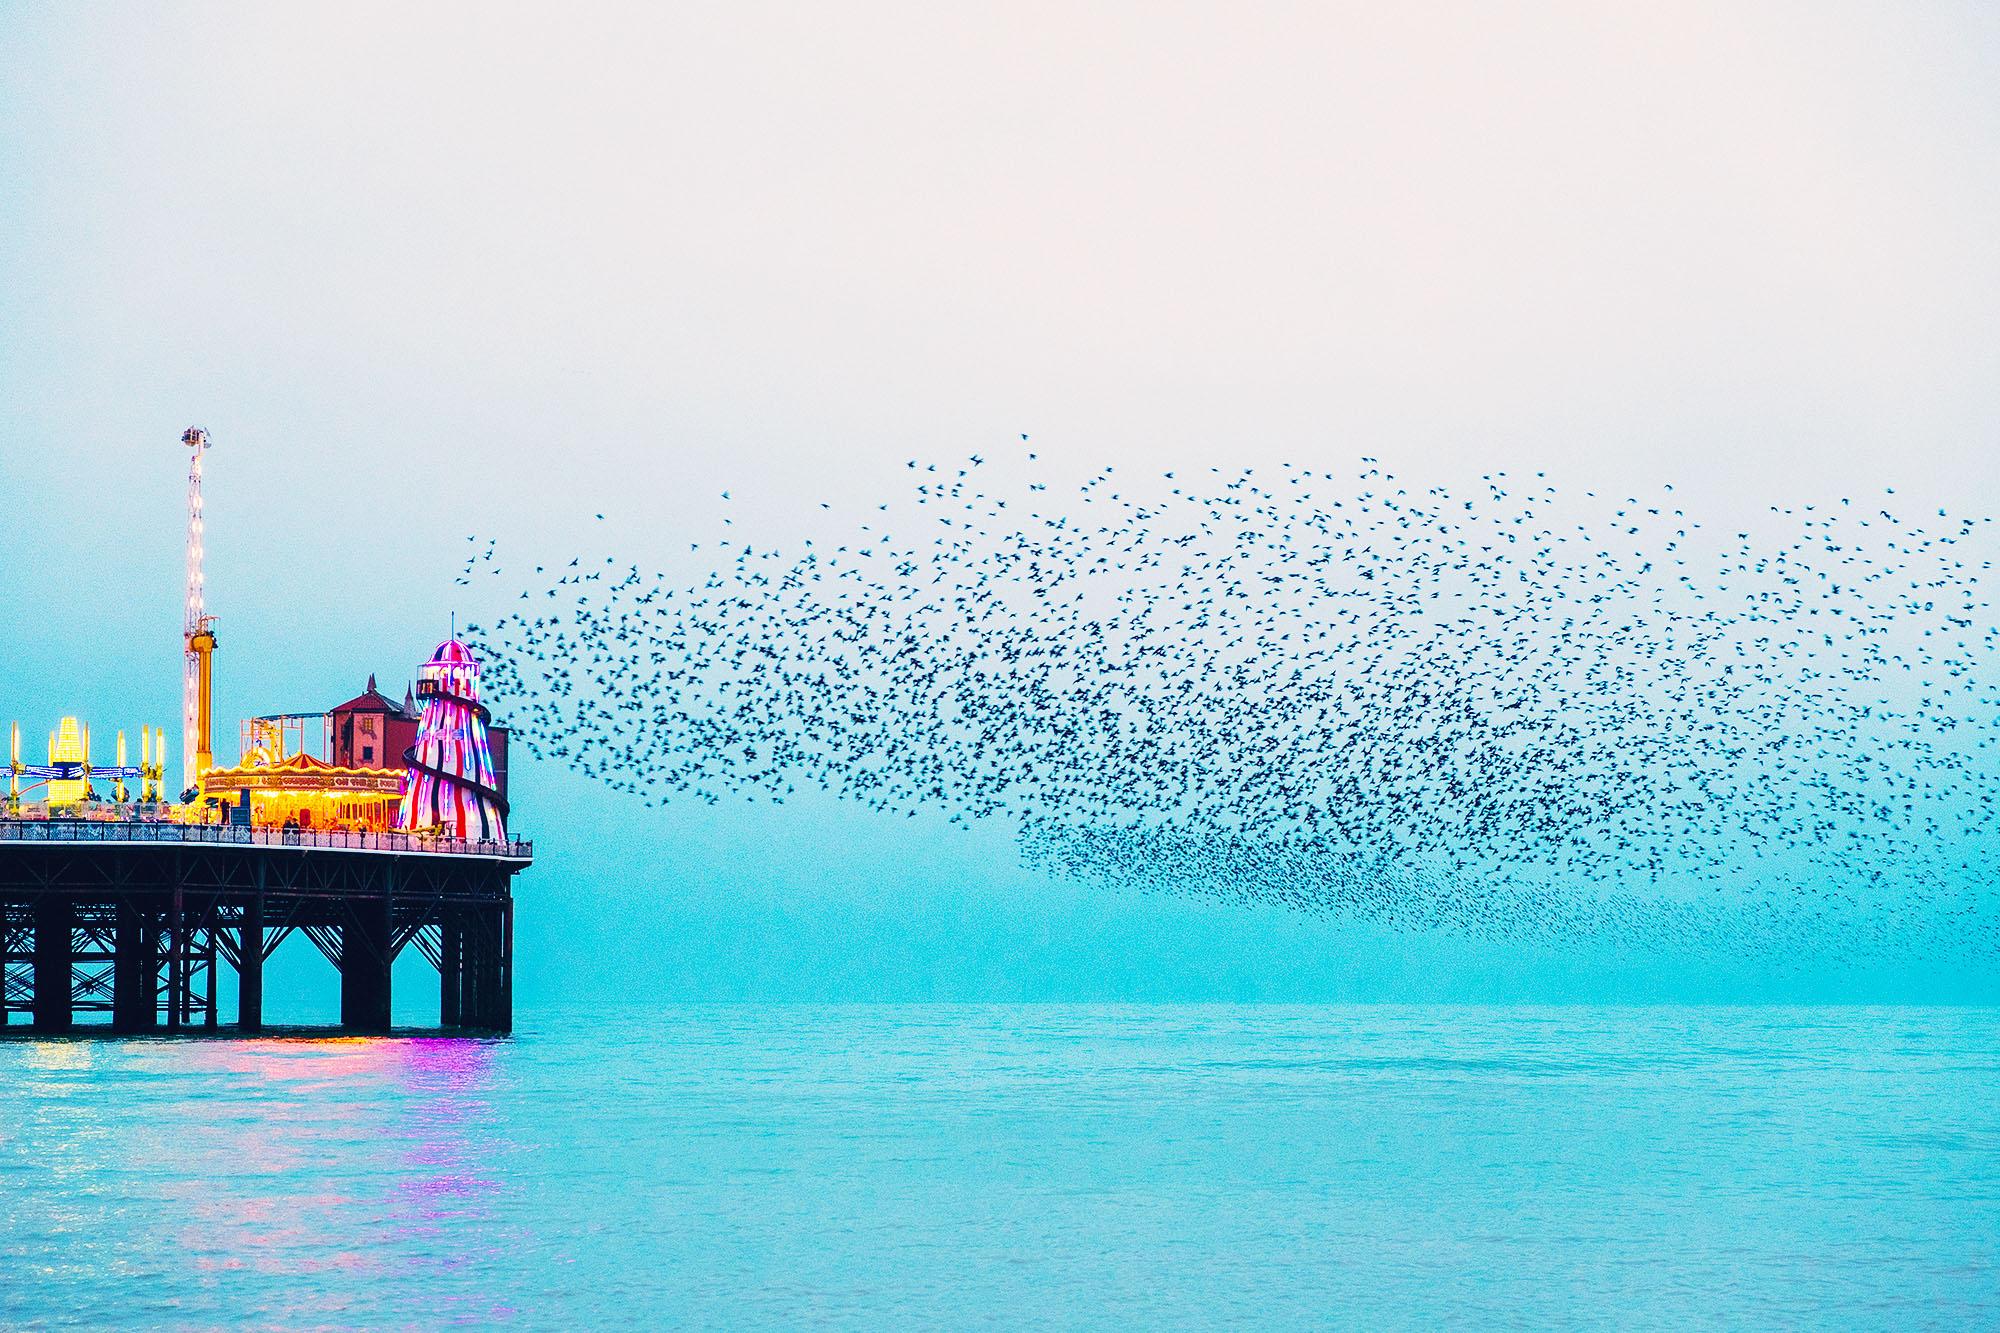 Brighton Pier, Brighton, East Sussex